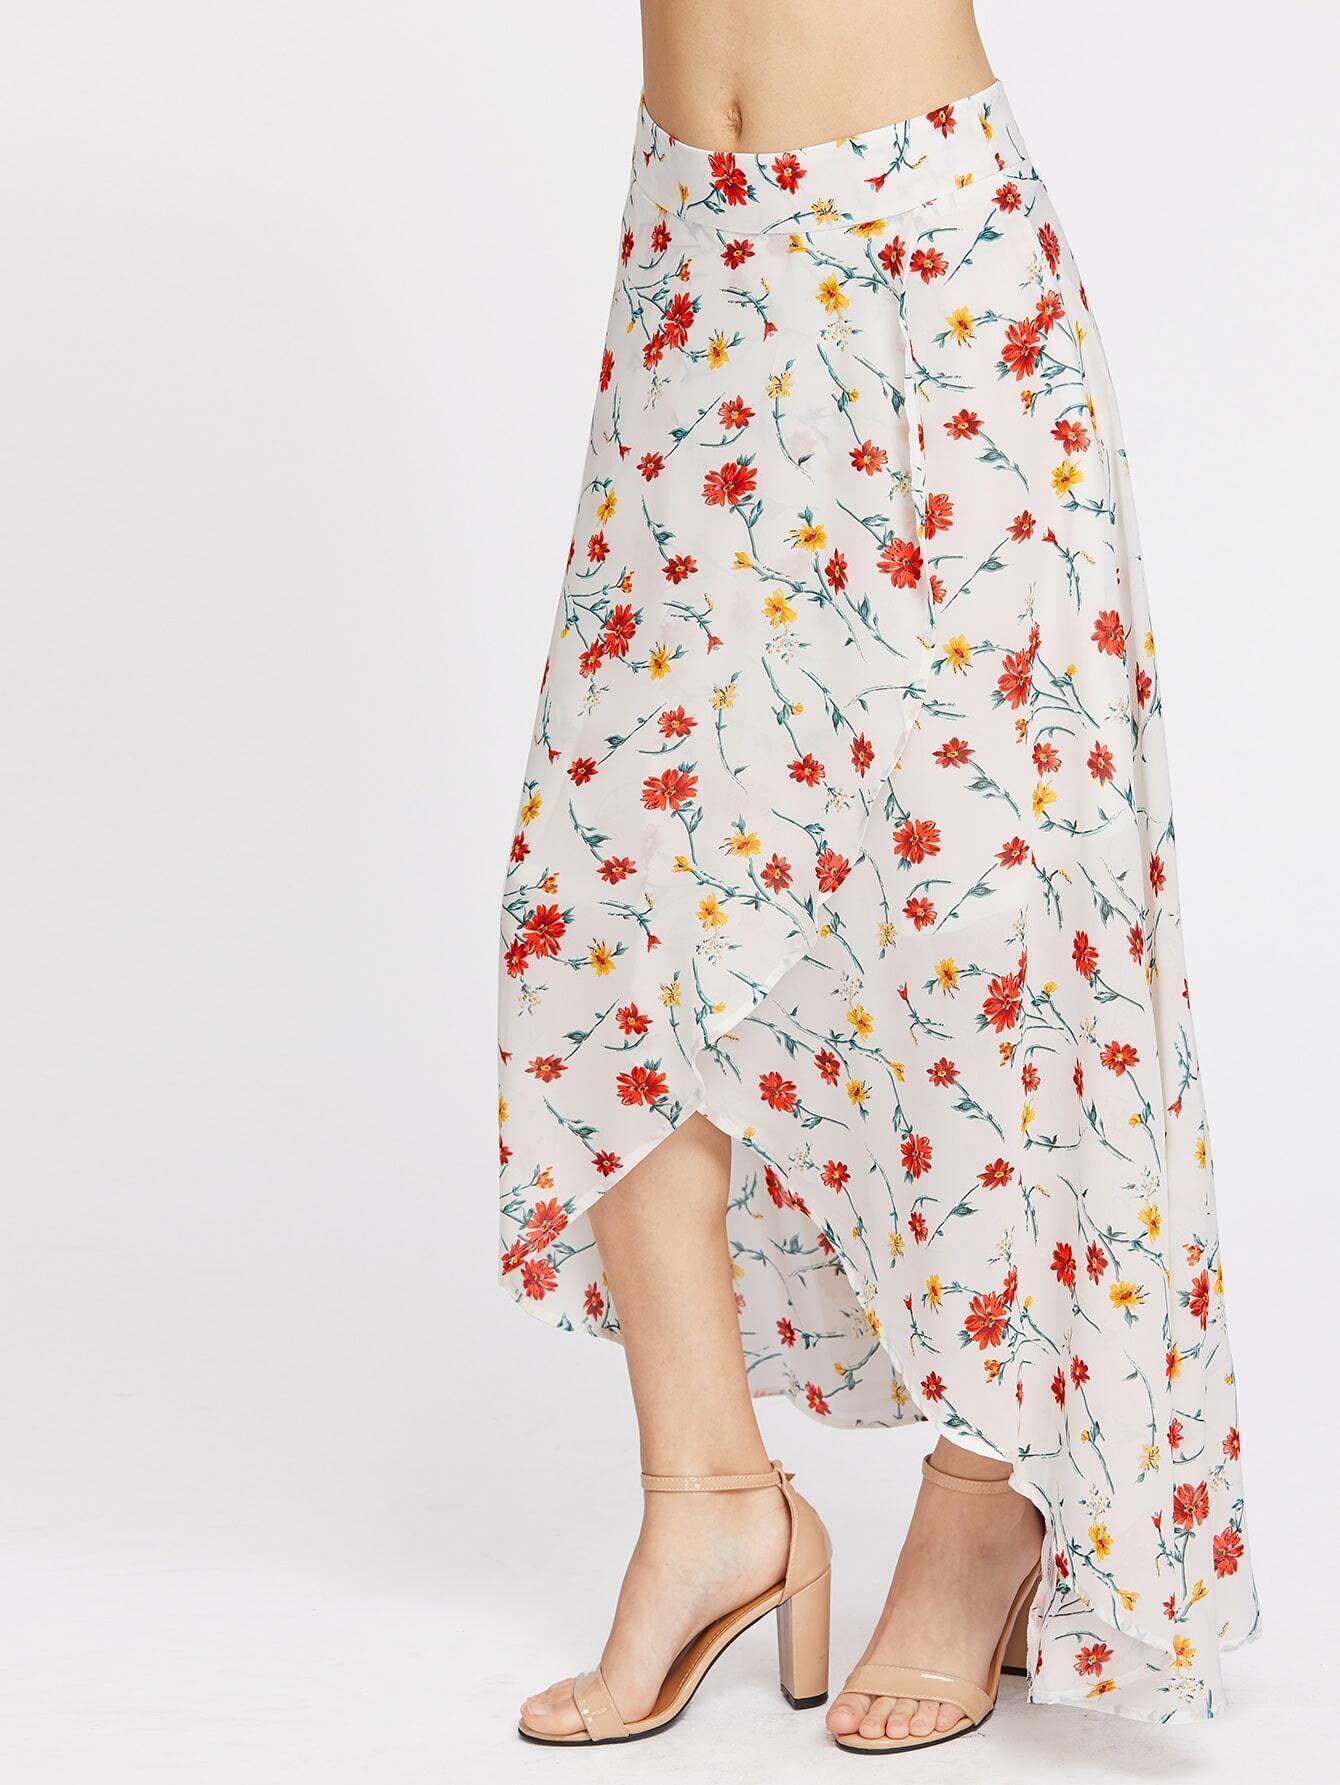 high low hemlines floral zipper side skirt emmacloth